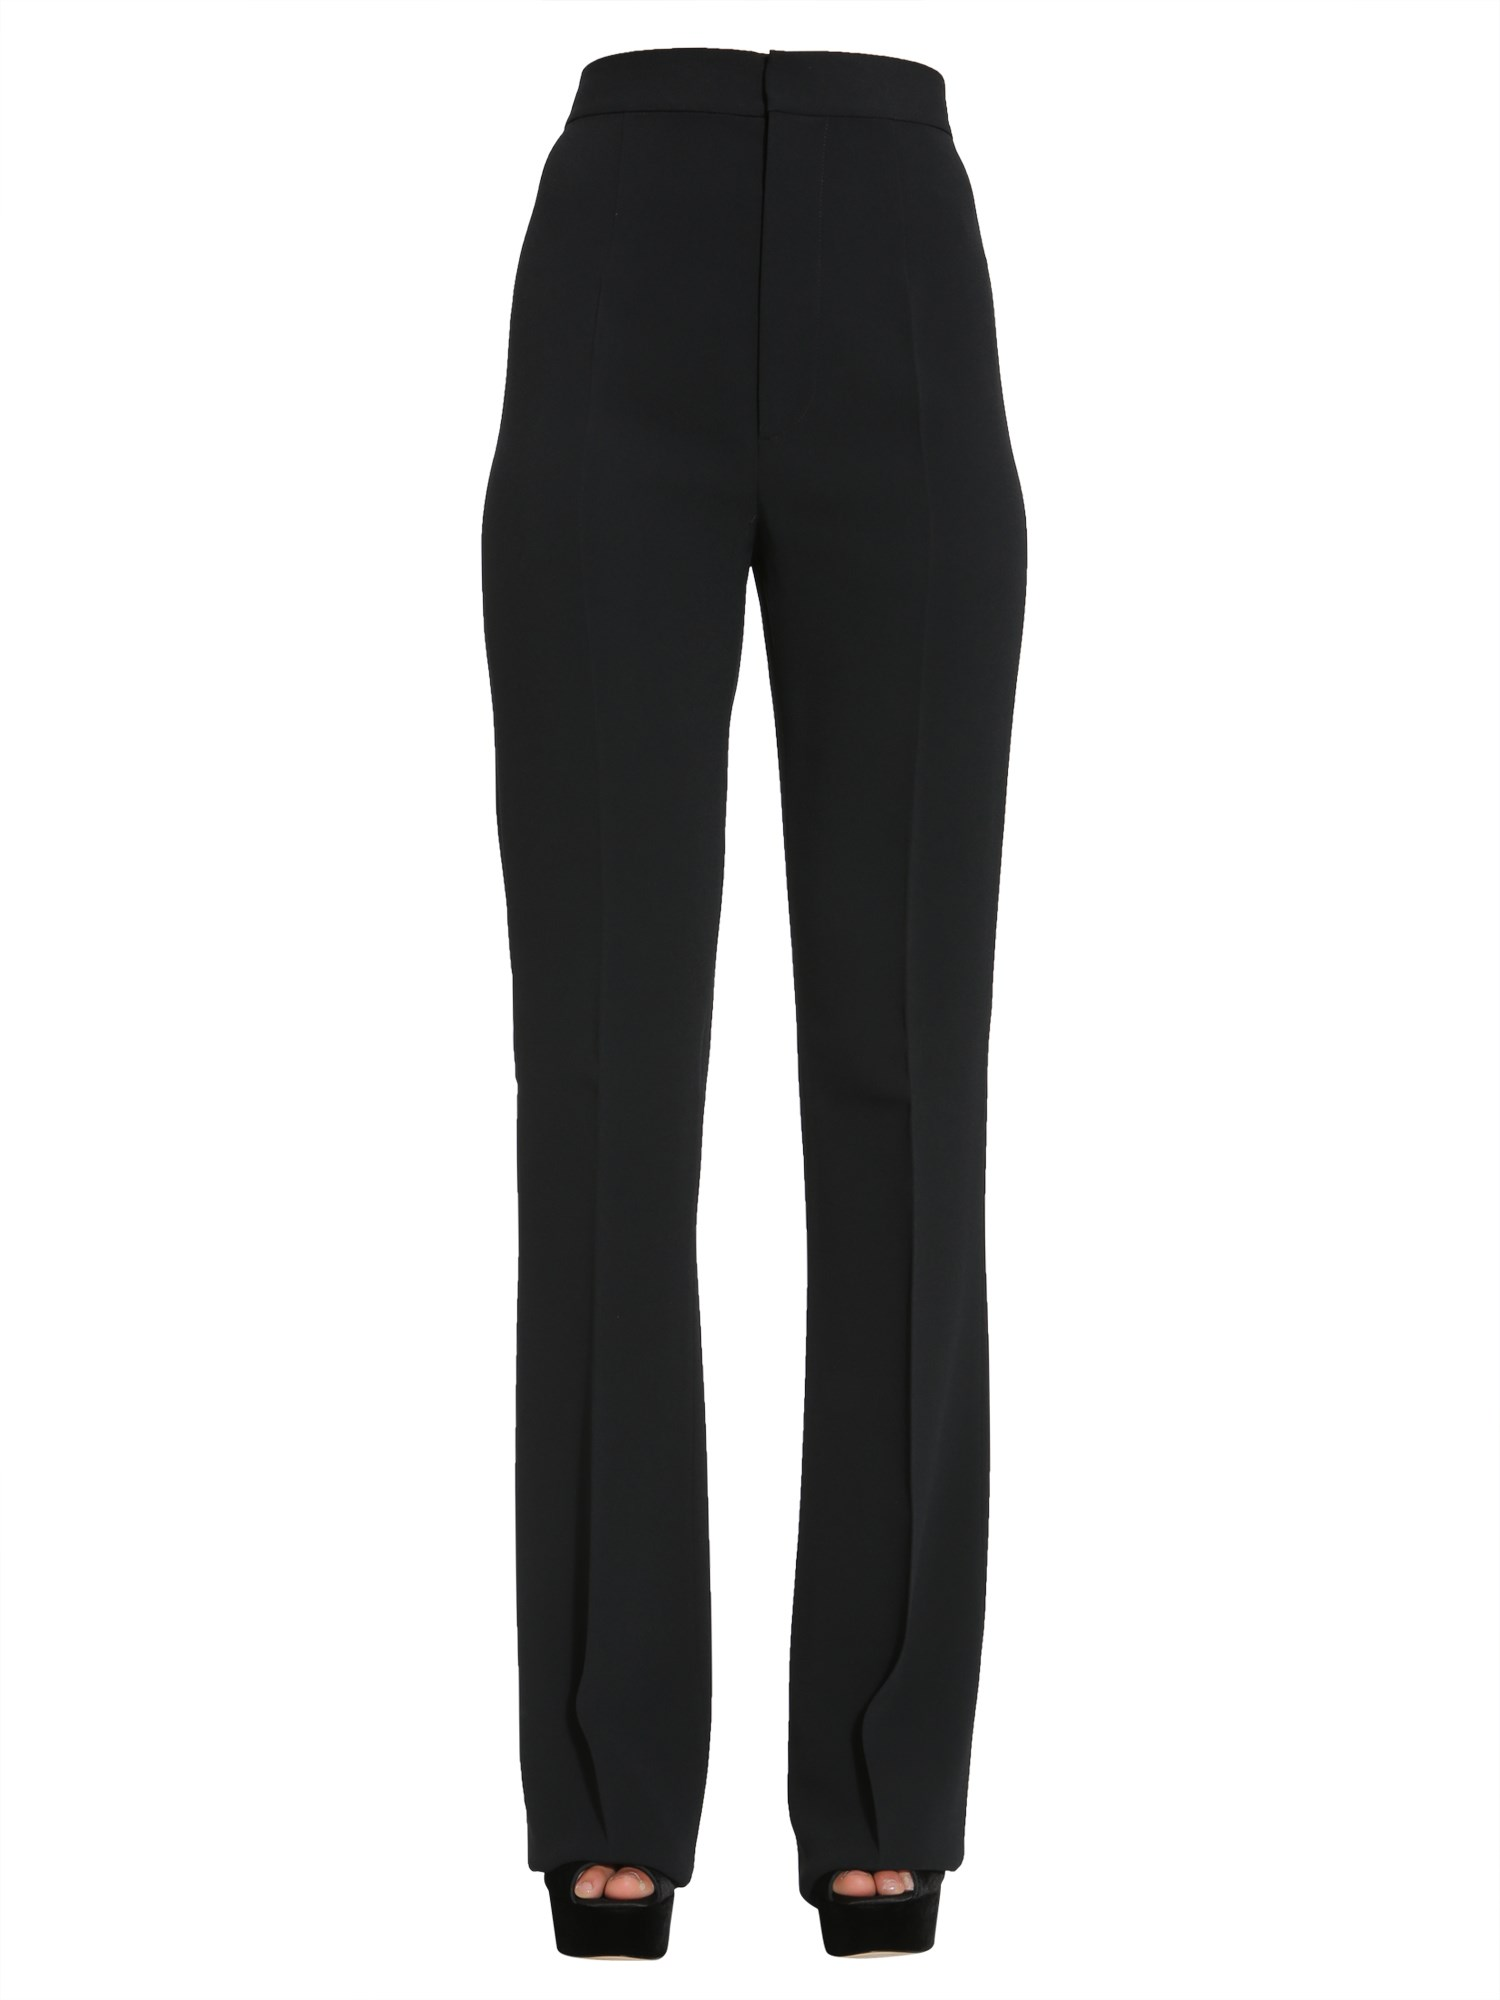 Dsquared flare trousers - dsquared - Modalova